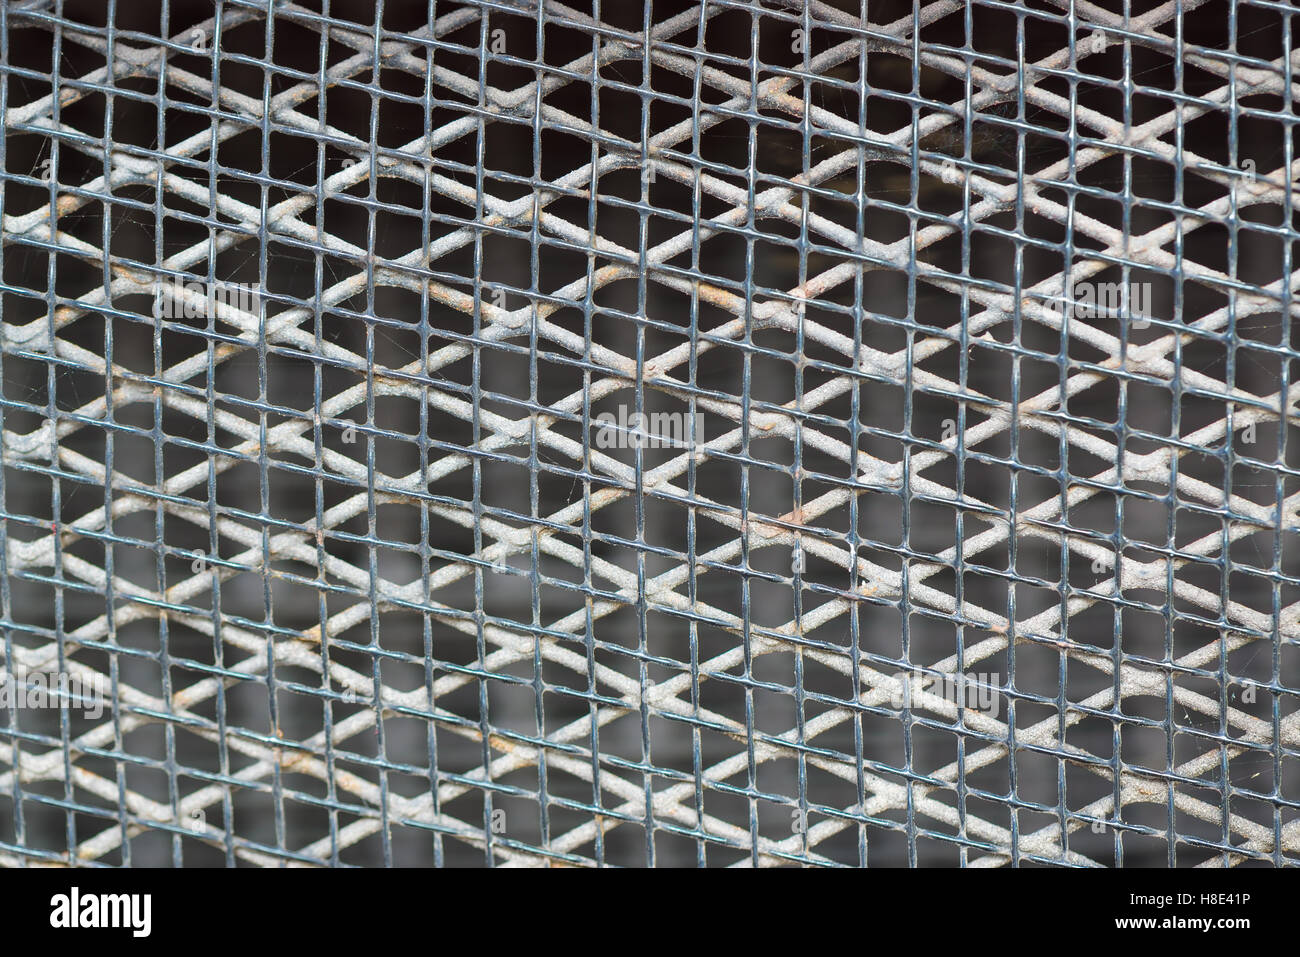 Alten rostigen Metall-Gitter-Muster, metallic Mesh, Hintergrund und Struktur Stockbild